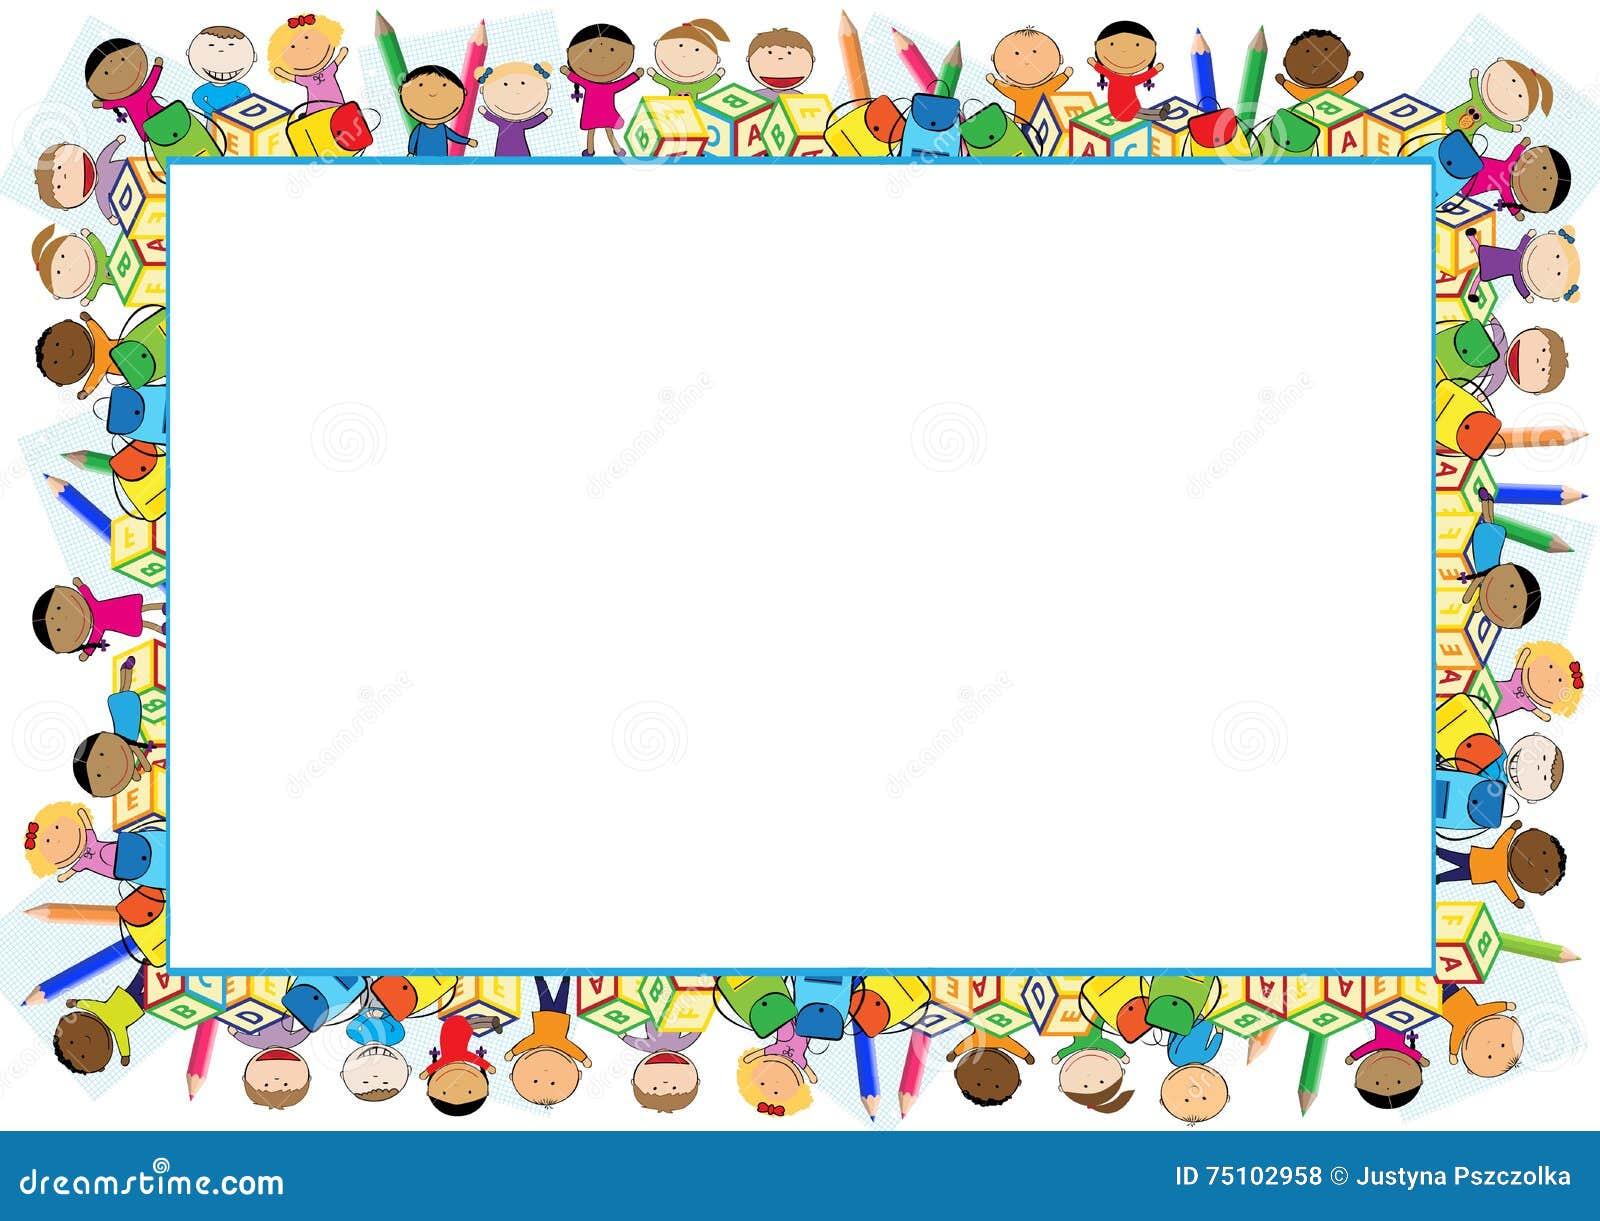 Kids school frames